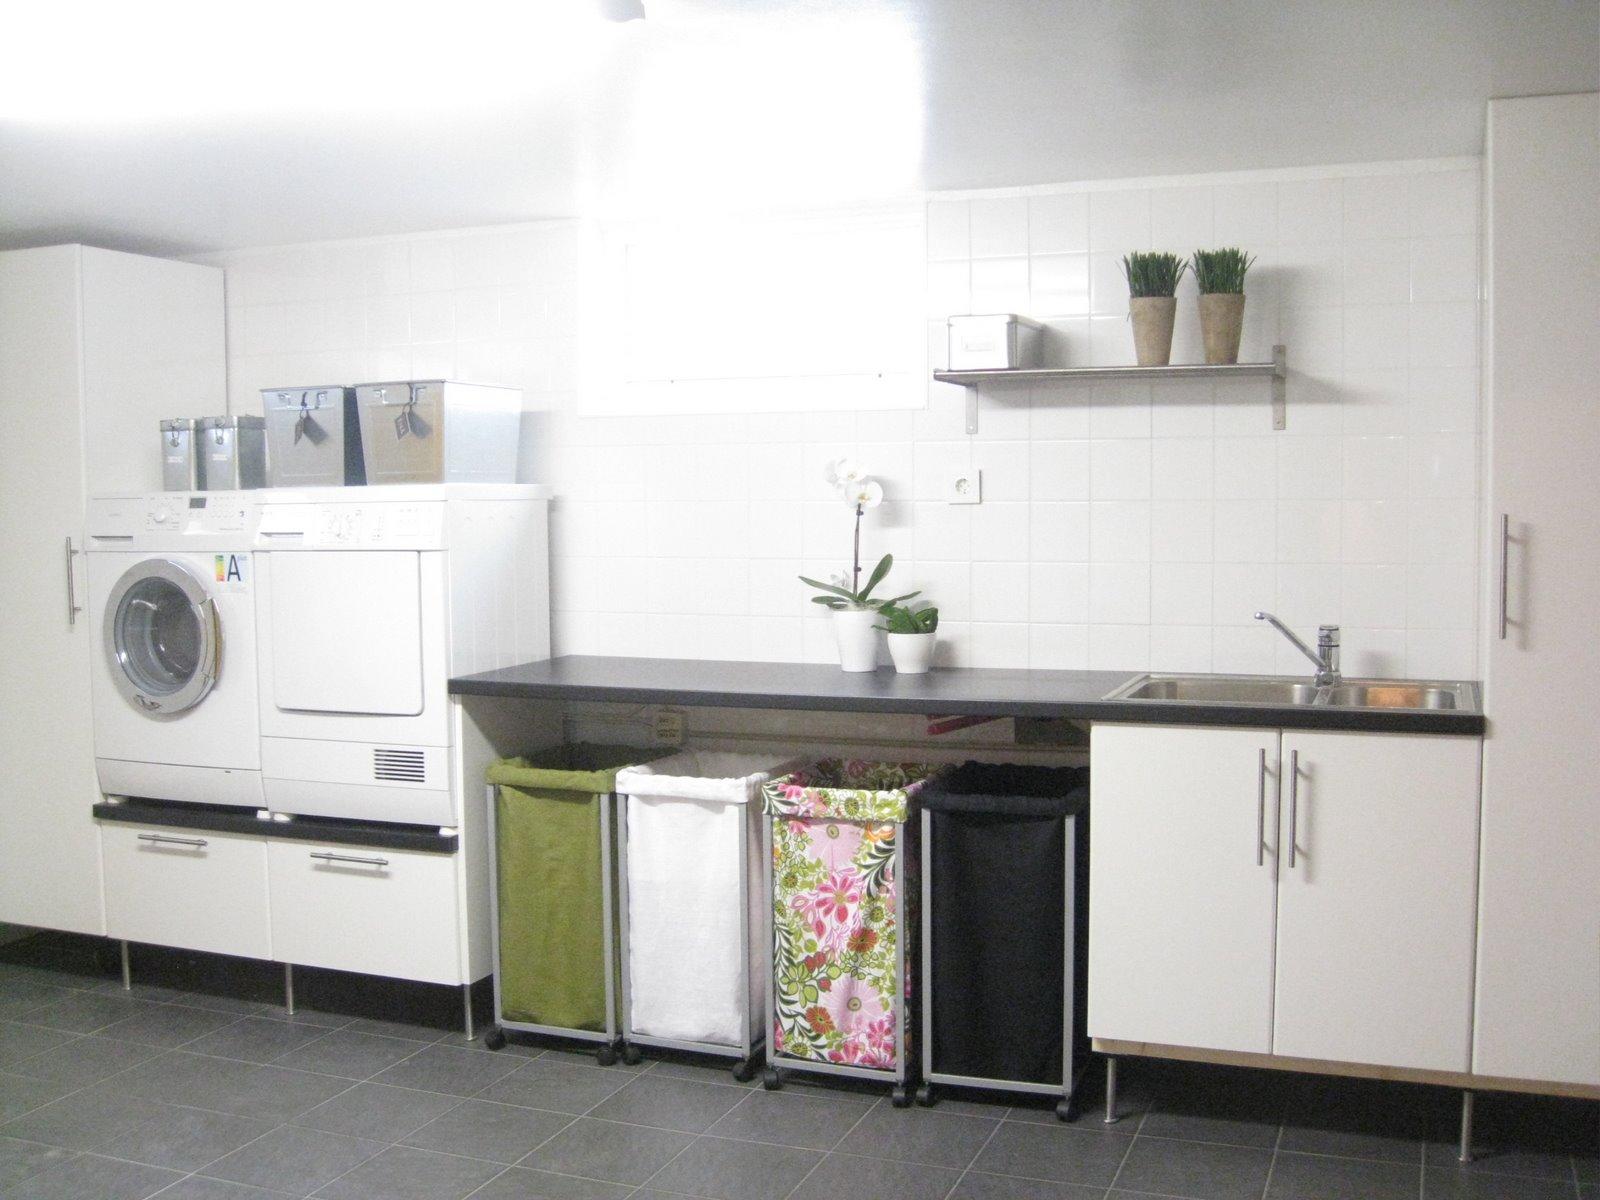 Villa nystuga   vårt lågenergihus på landet: upphöjd tvättmaskin